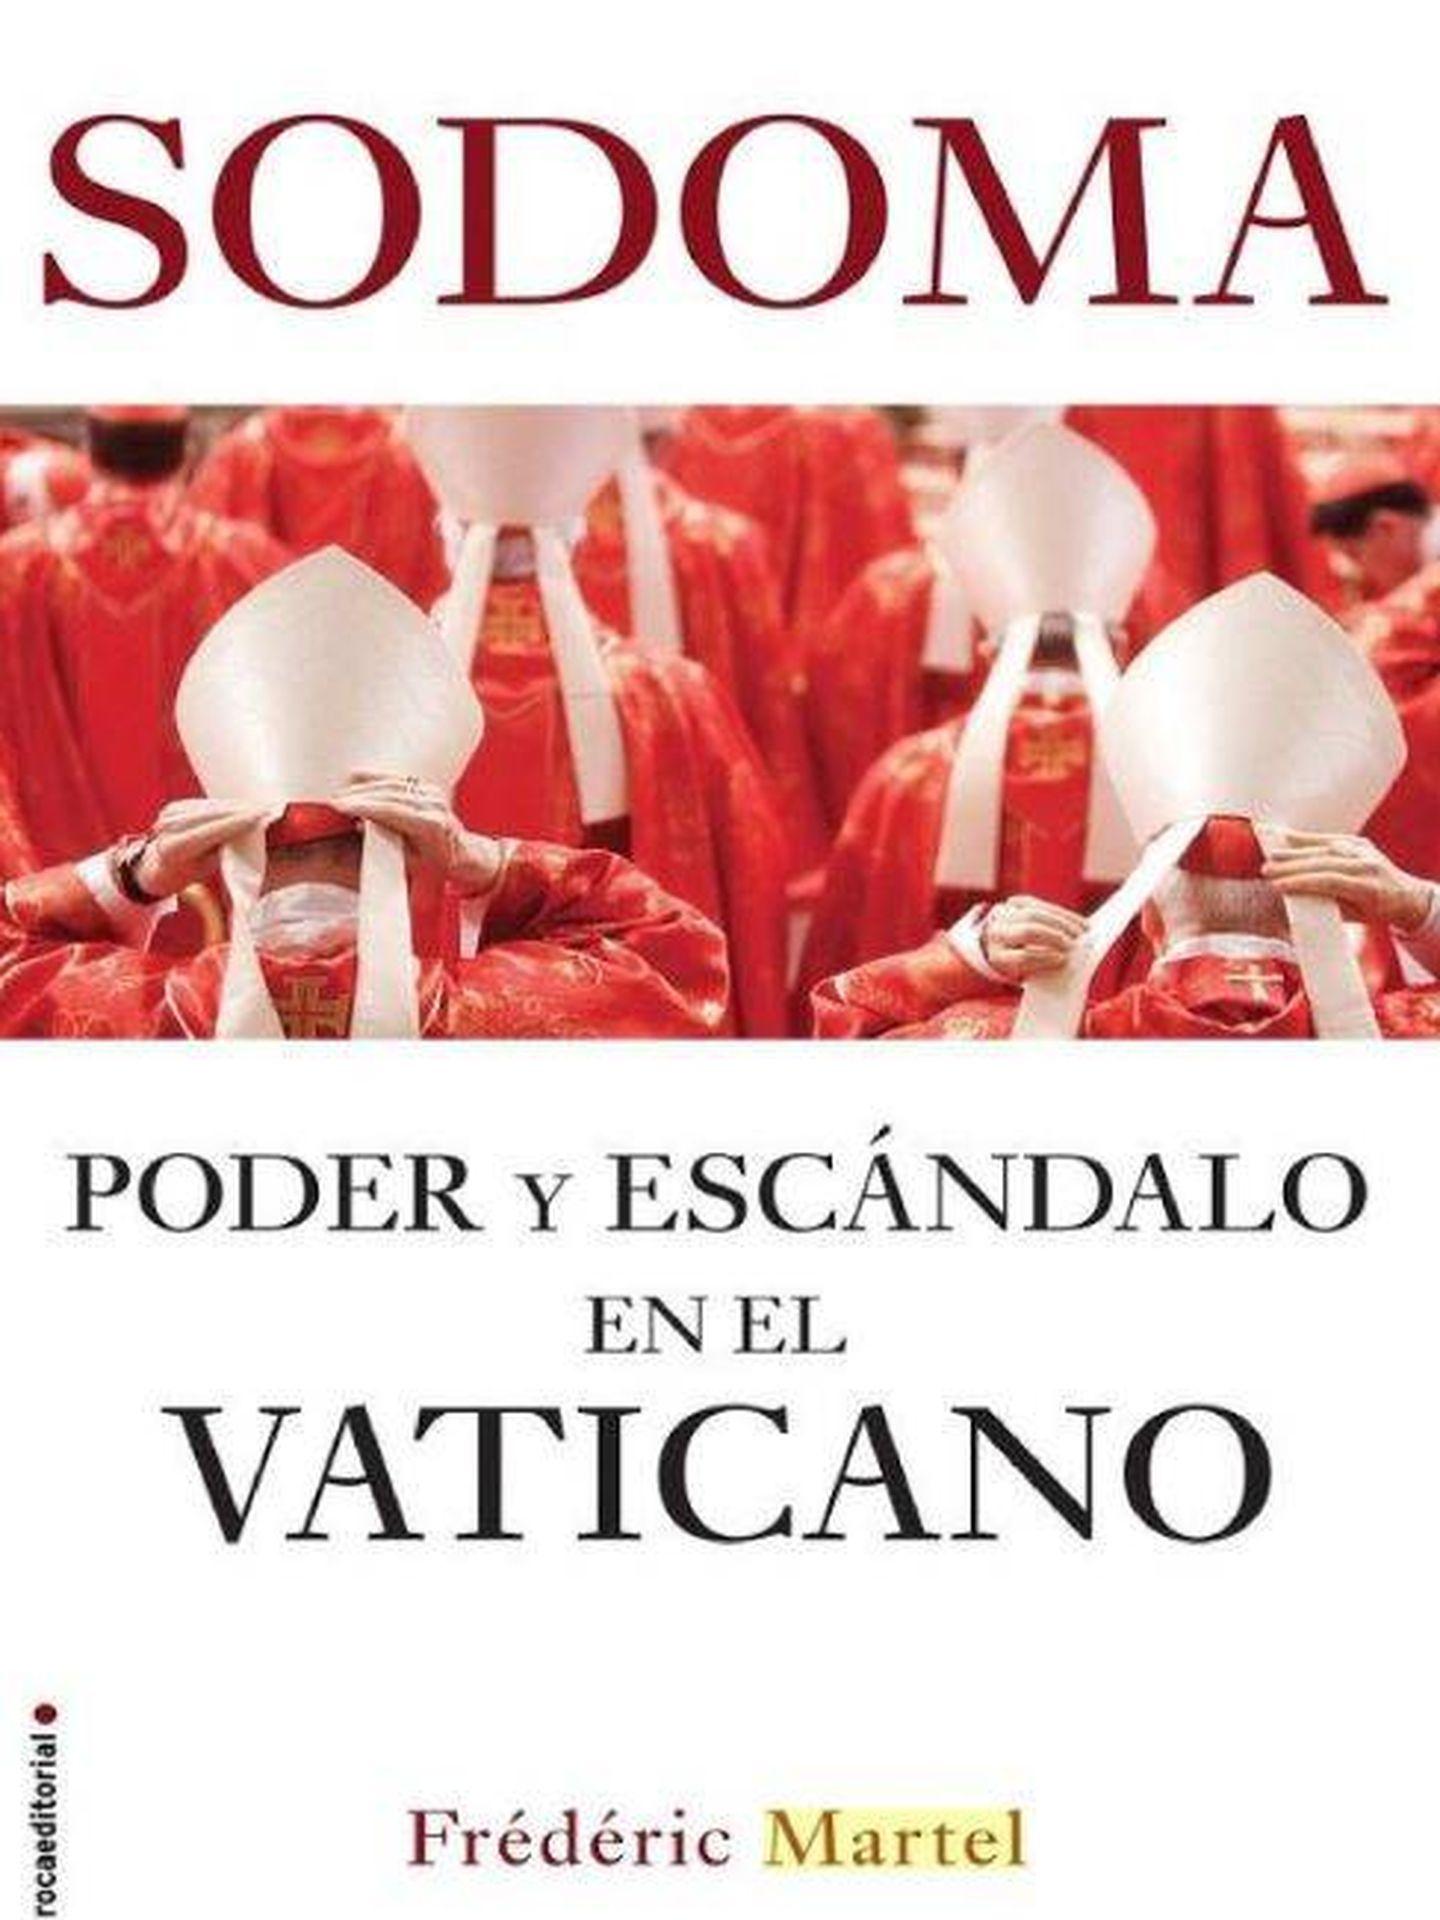 Portada de 'Sodoma'.